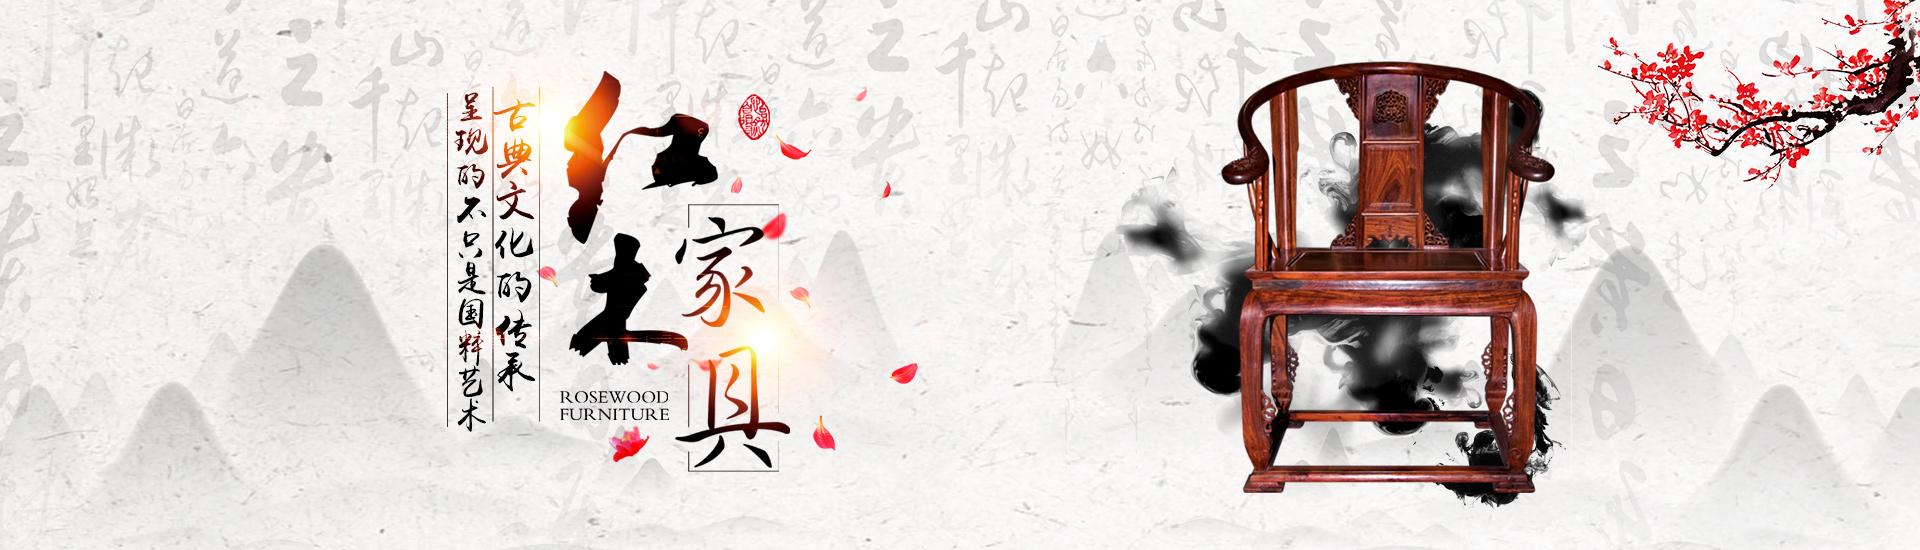 重庆竞博杯亚洲大师赛木门窗